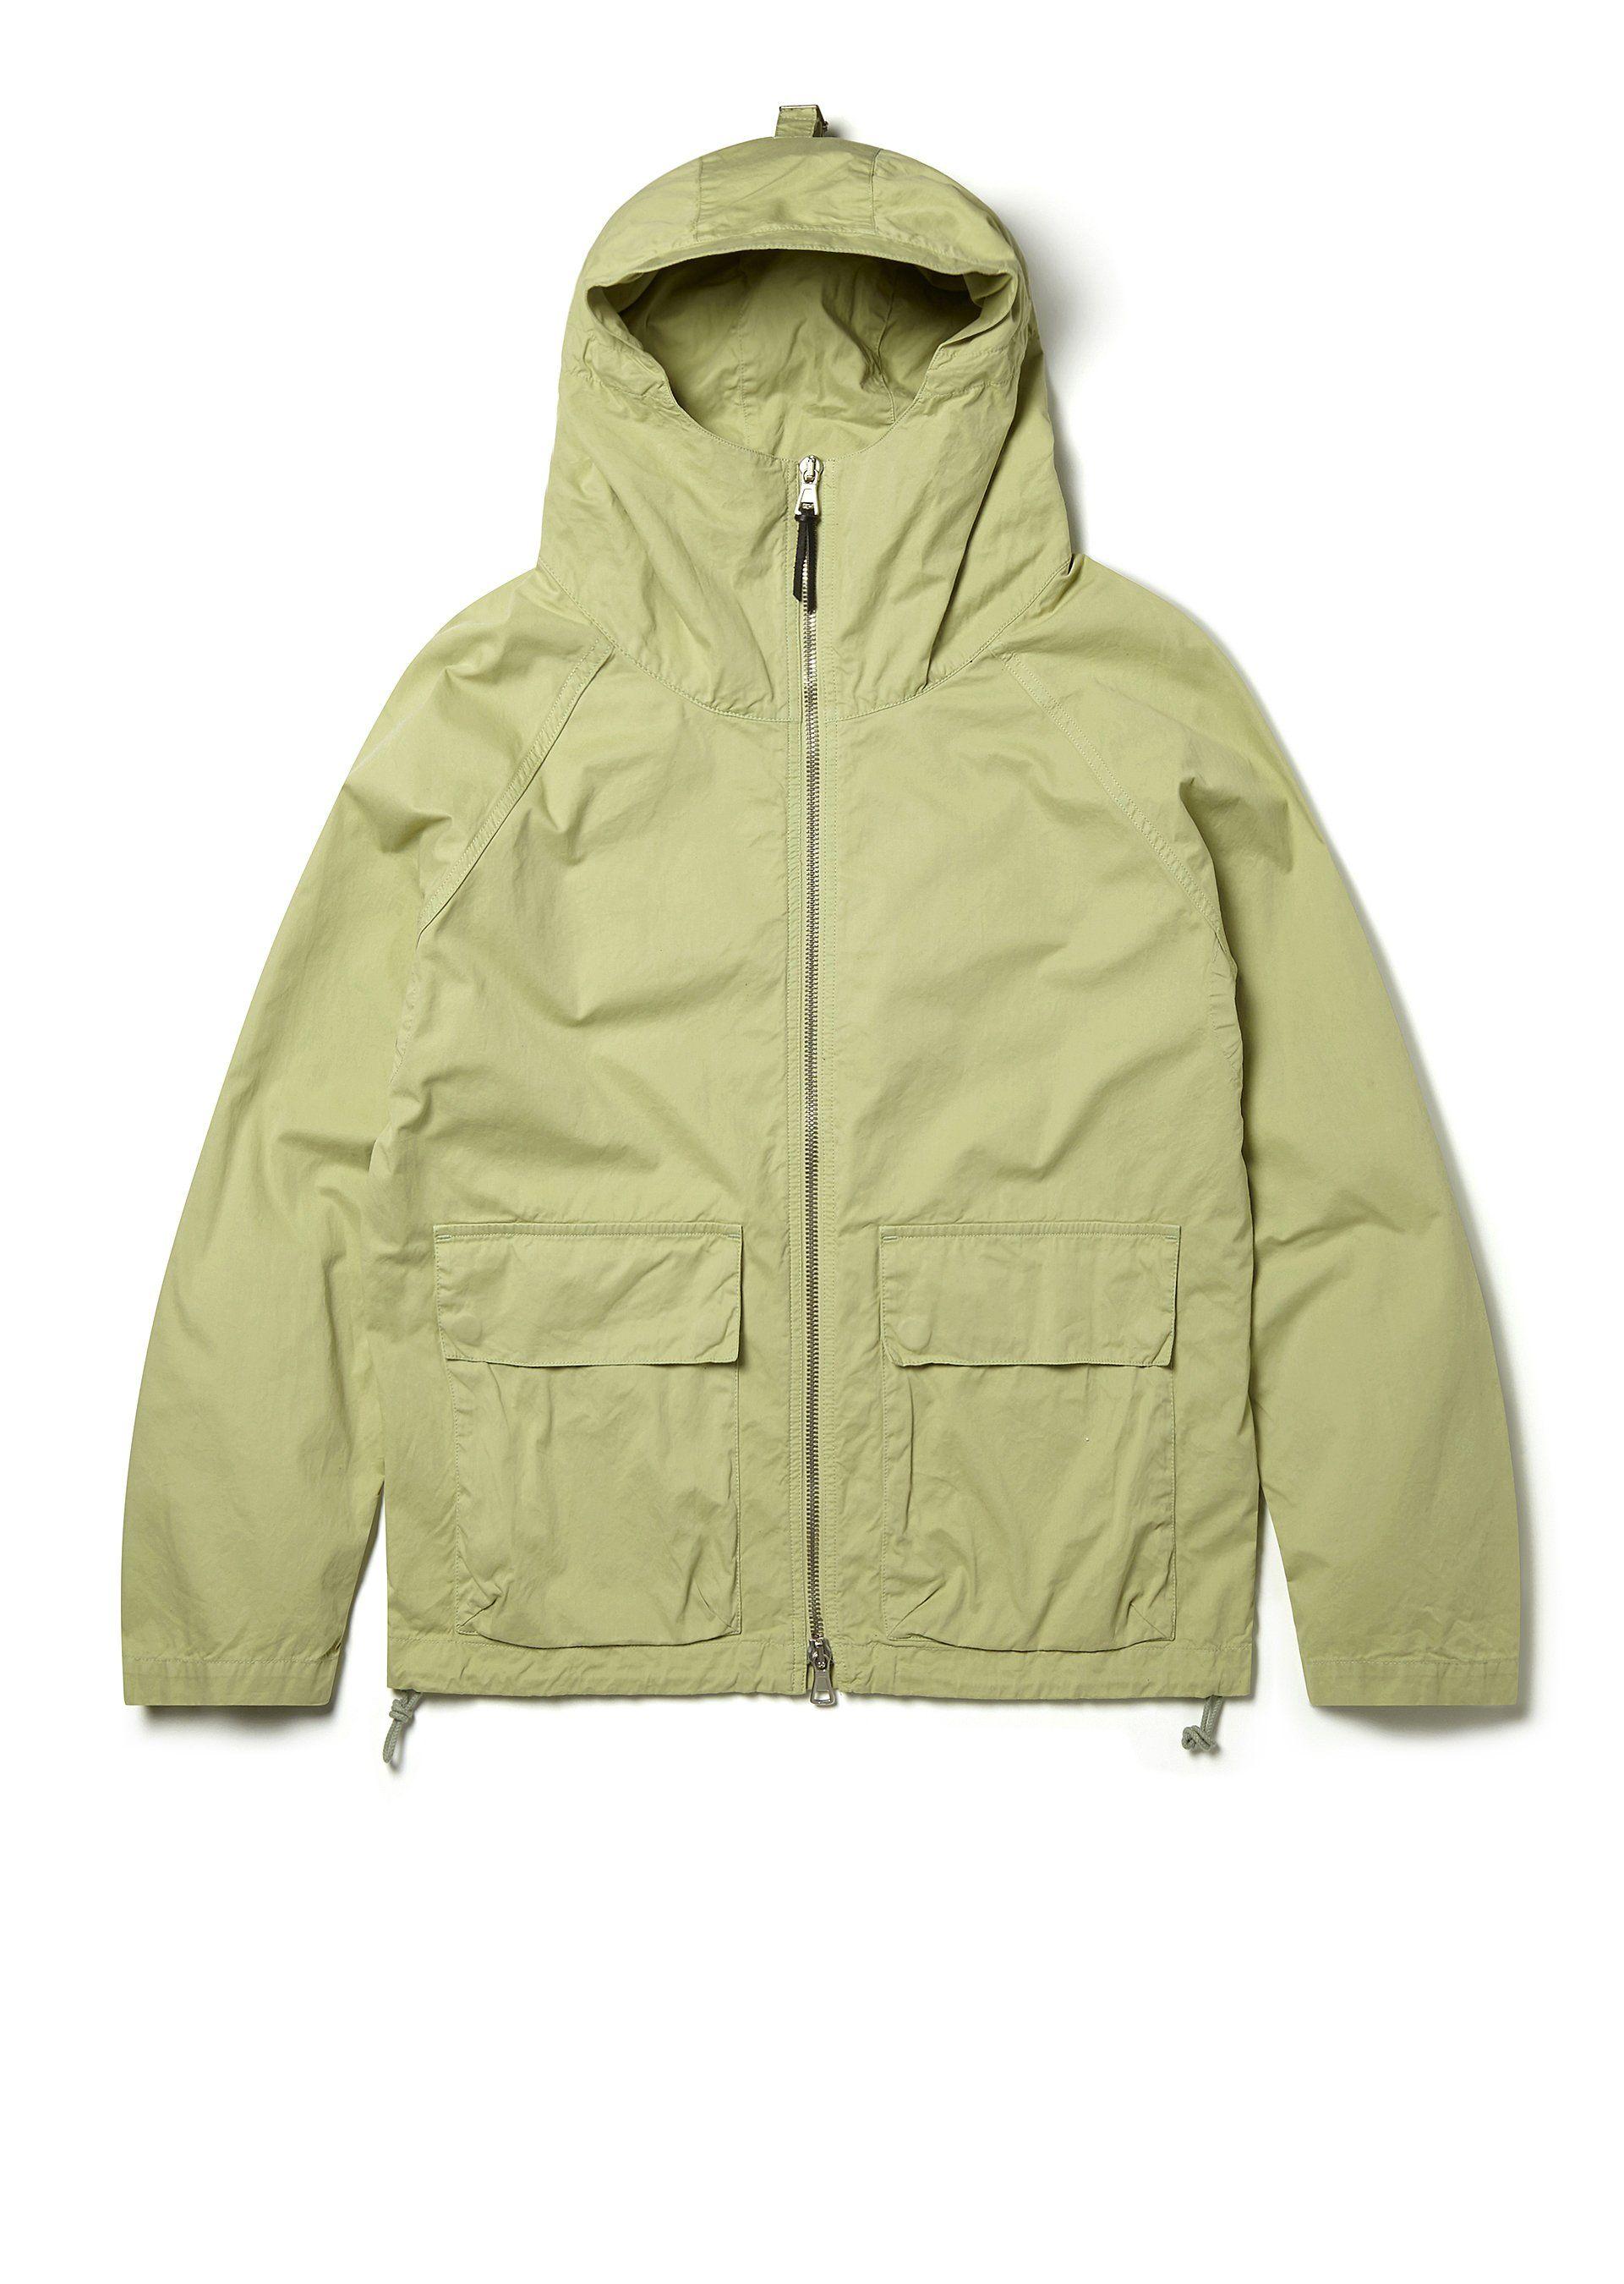 The Best Men's Winter Coats